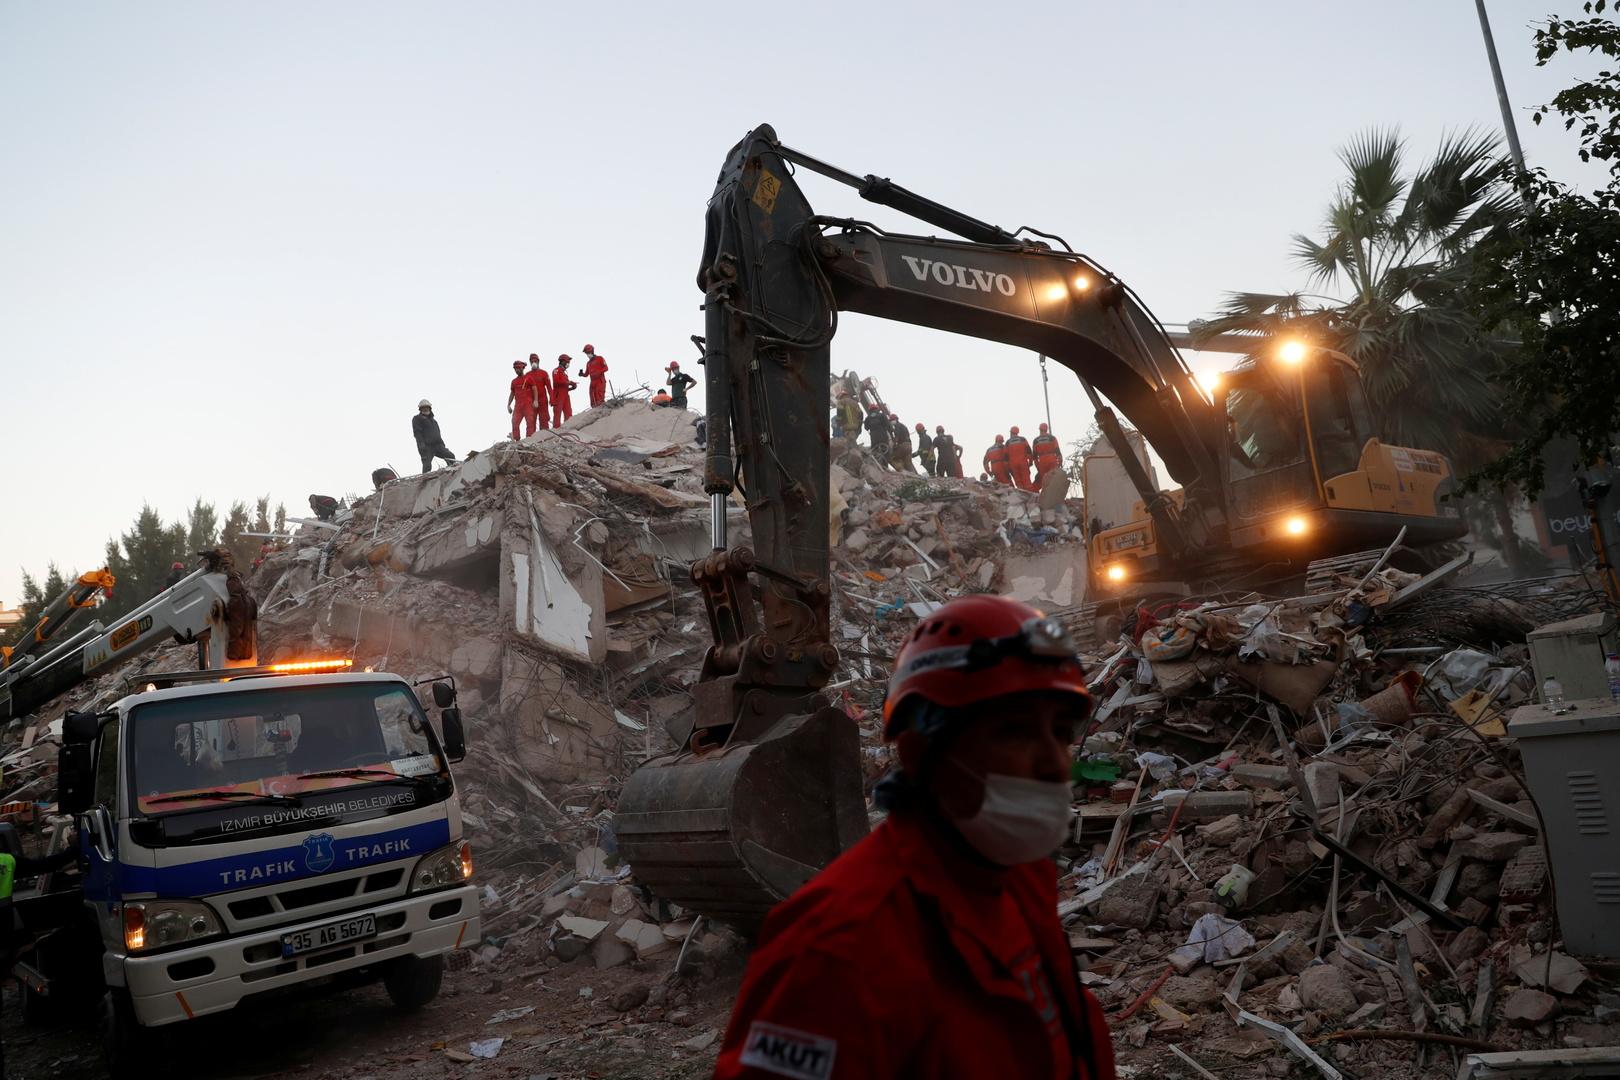 ارتفاع عدد قتلى زلزال إزمير في تركيا إلى 43 شخصا مع استمرار عمليات البحث والإنقاذ